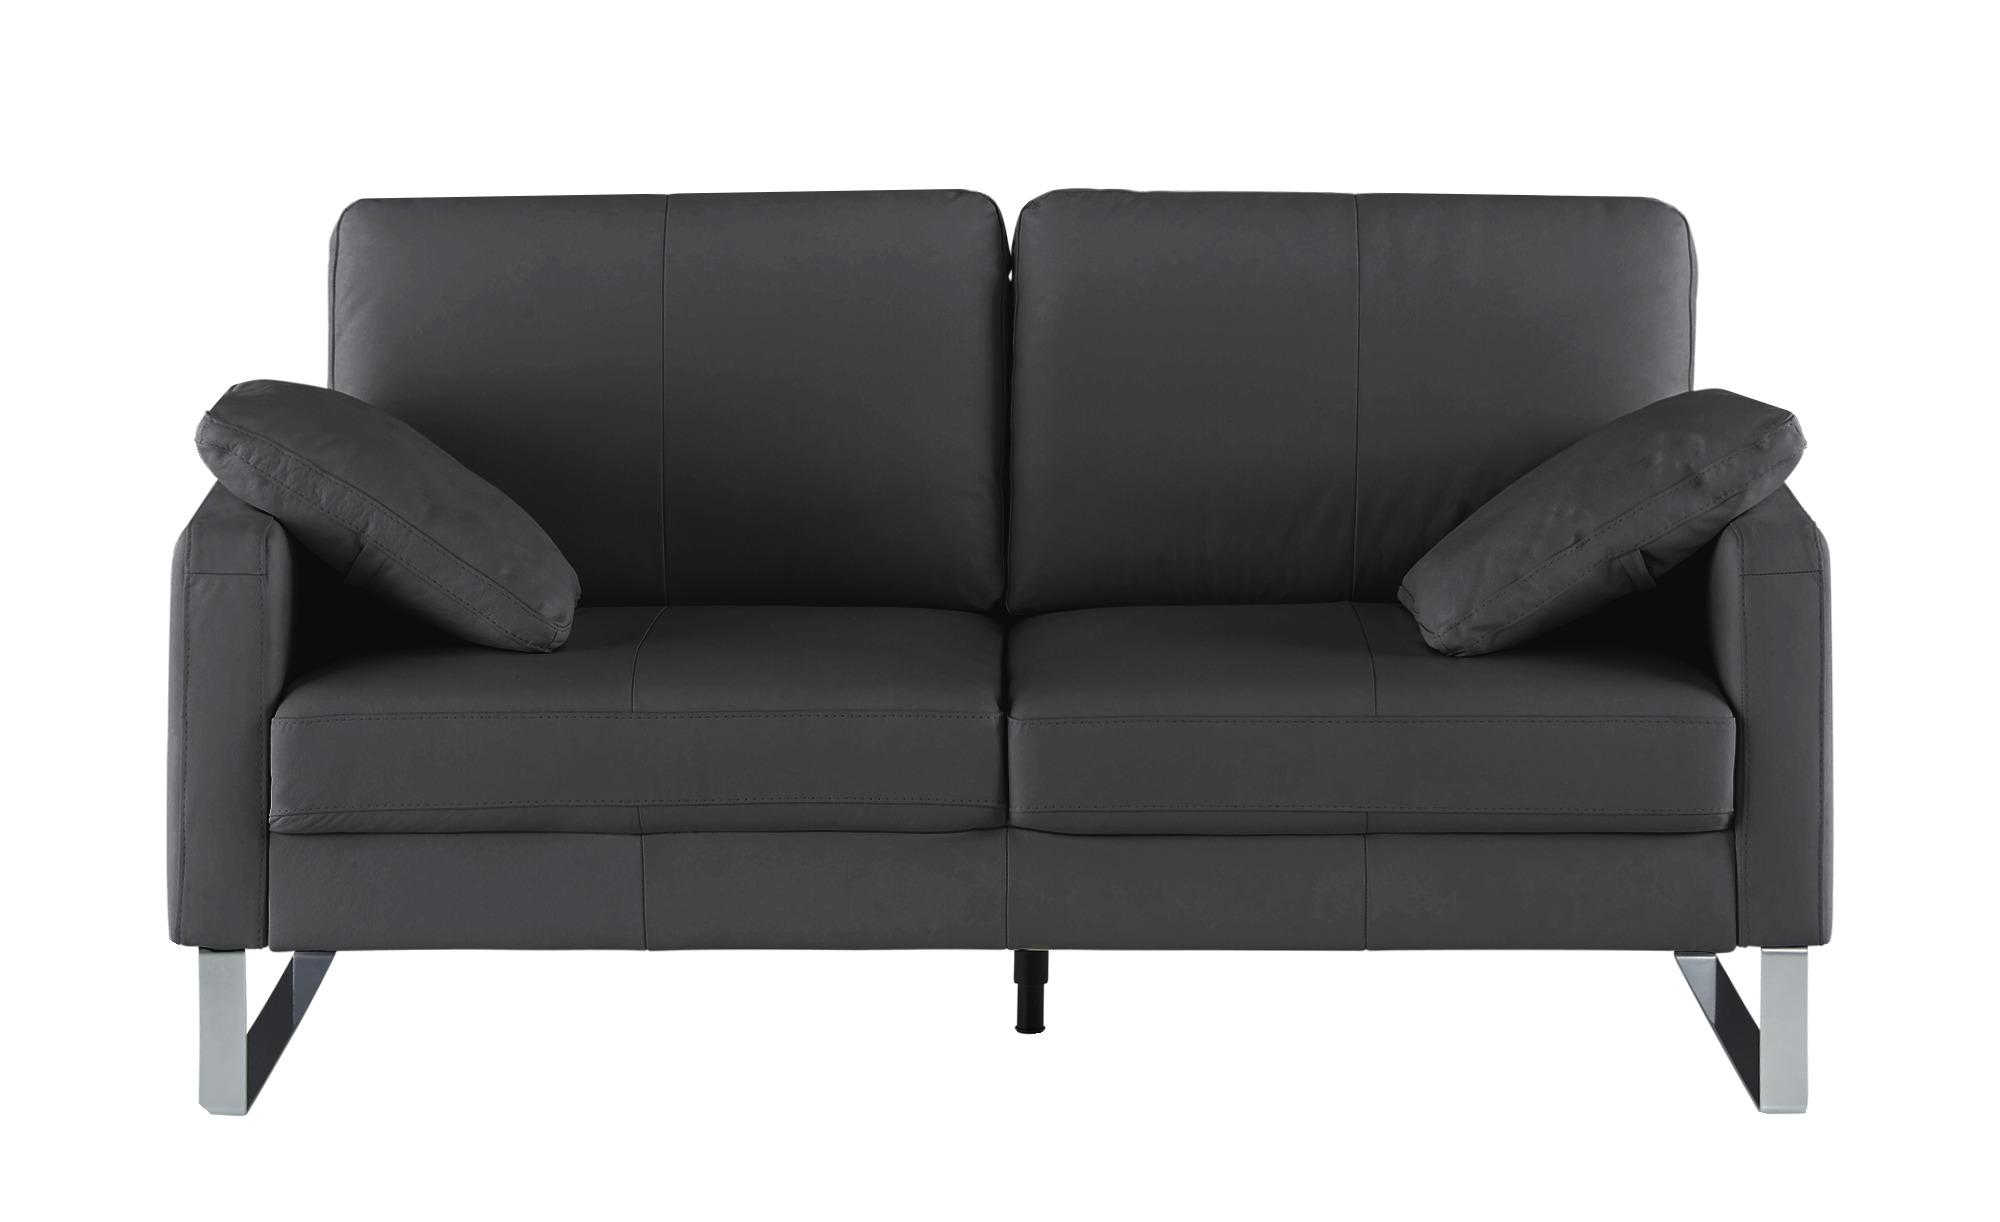 Einzelsofa  Rajaa ¦ schwarz ¦ Maße (cm): B: 174 H: 90 T: 93 Polstermöbel > Sofas > 2-Sitzer - Höffner